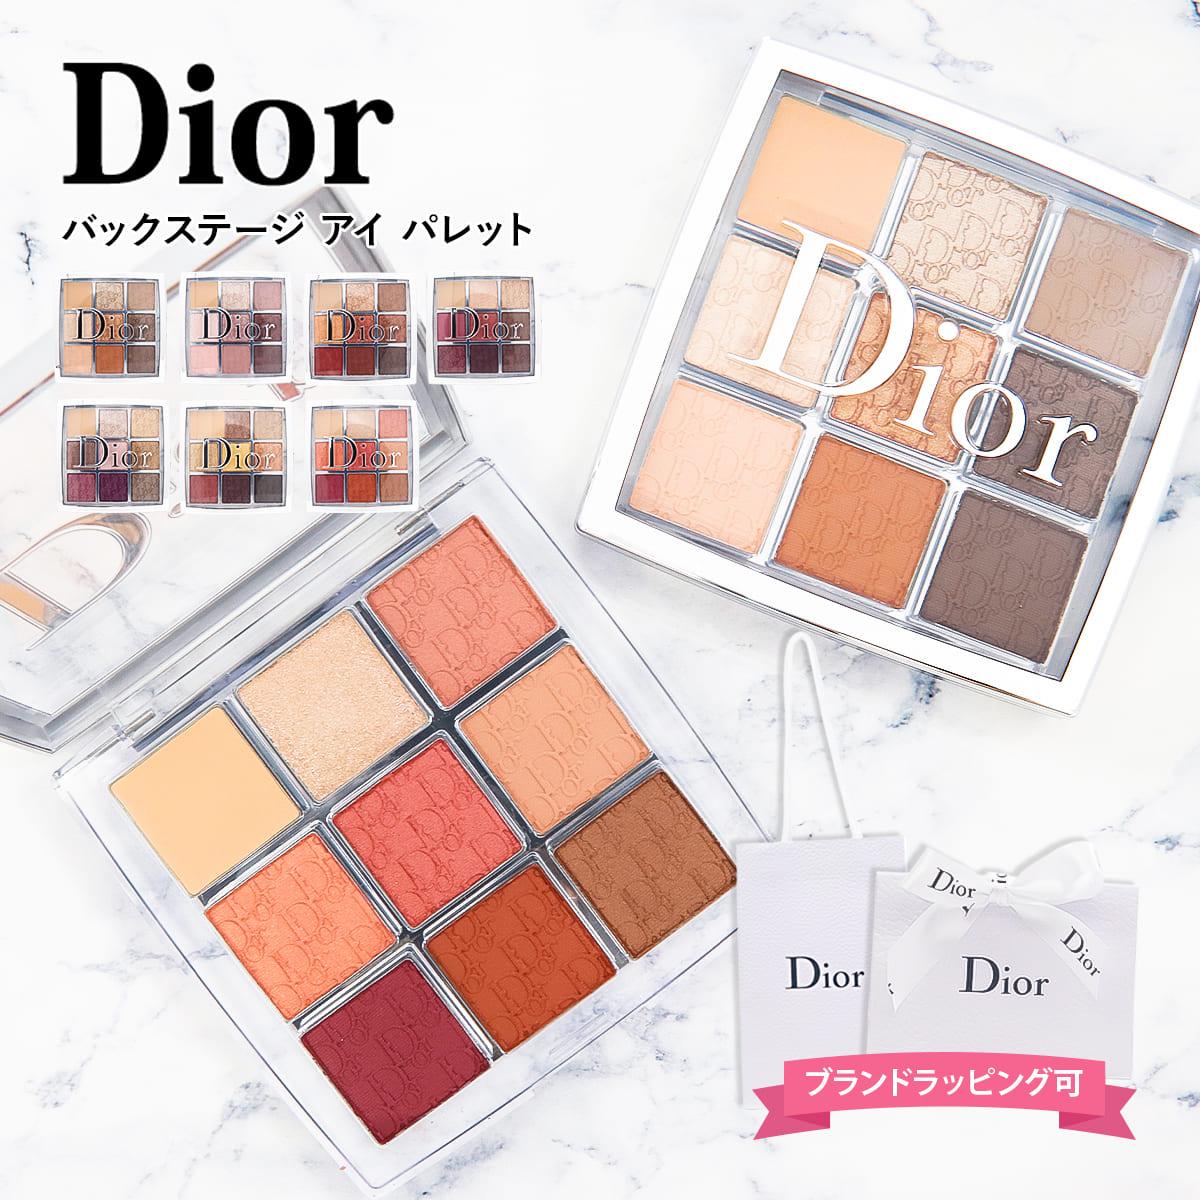 ベースメイク・メイクアップ, アイシャドウ  Dior 2021